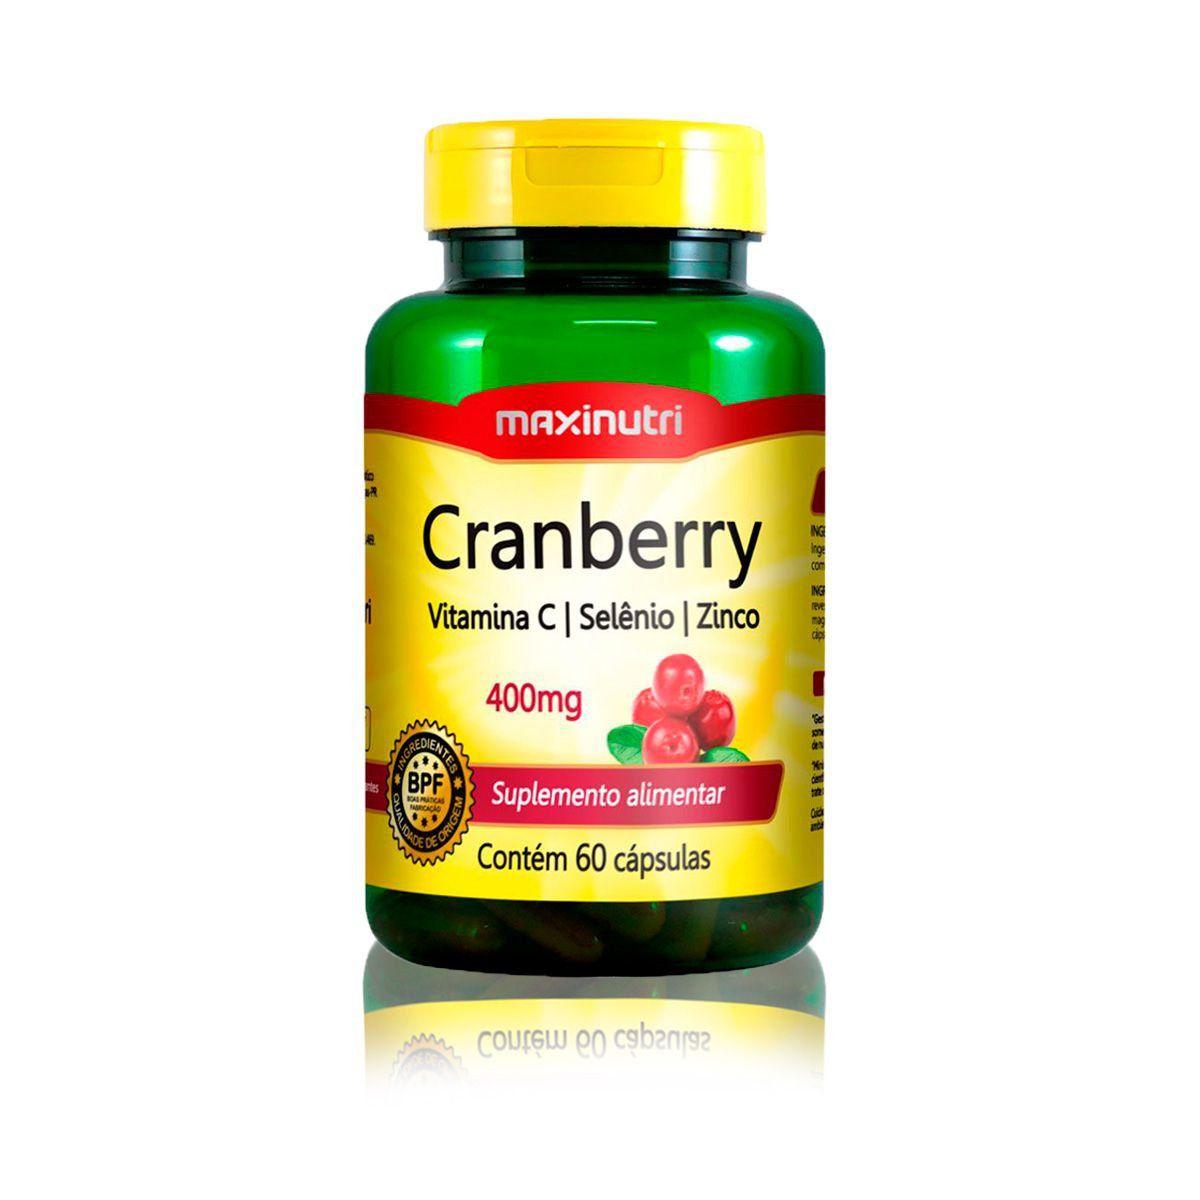 Cranberry Antioxidante com Vitamina C e Zinco 60 Caps - Maxinutri